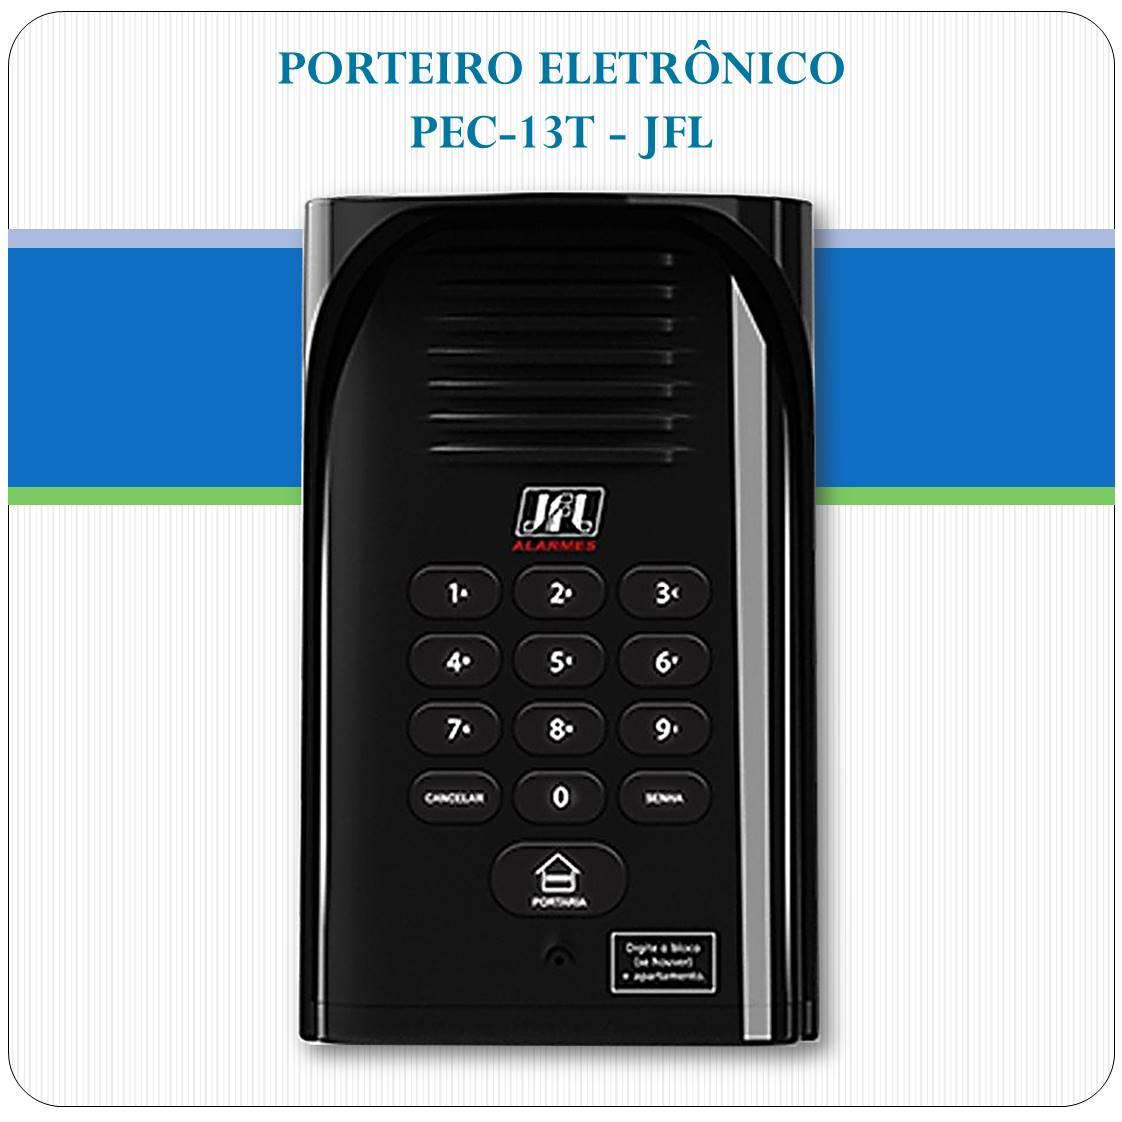 Porteiro Eletrônico PEC-13T - JFL